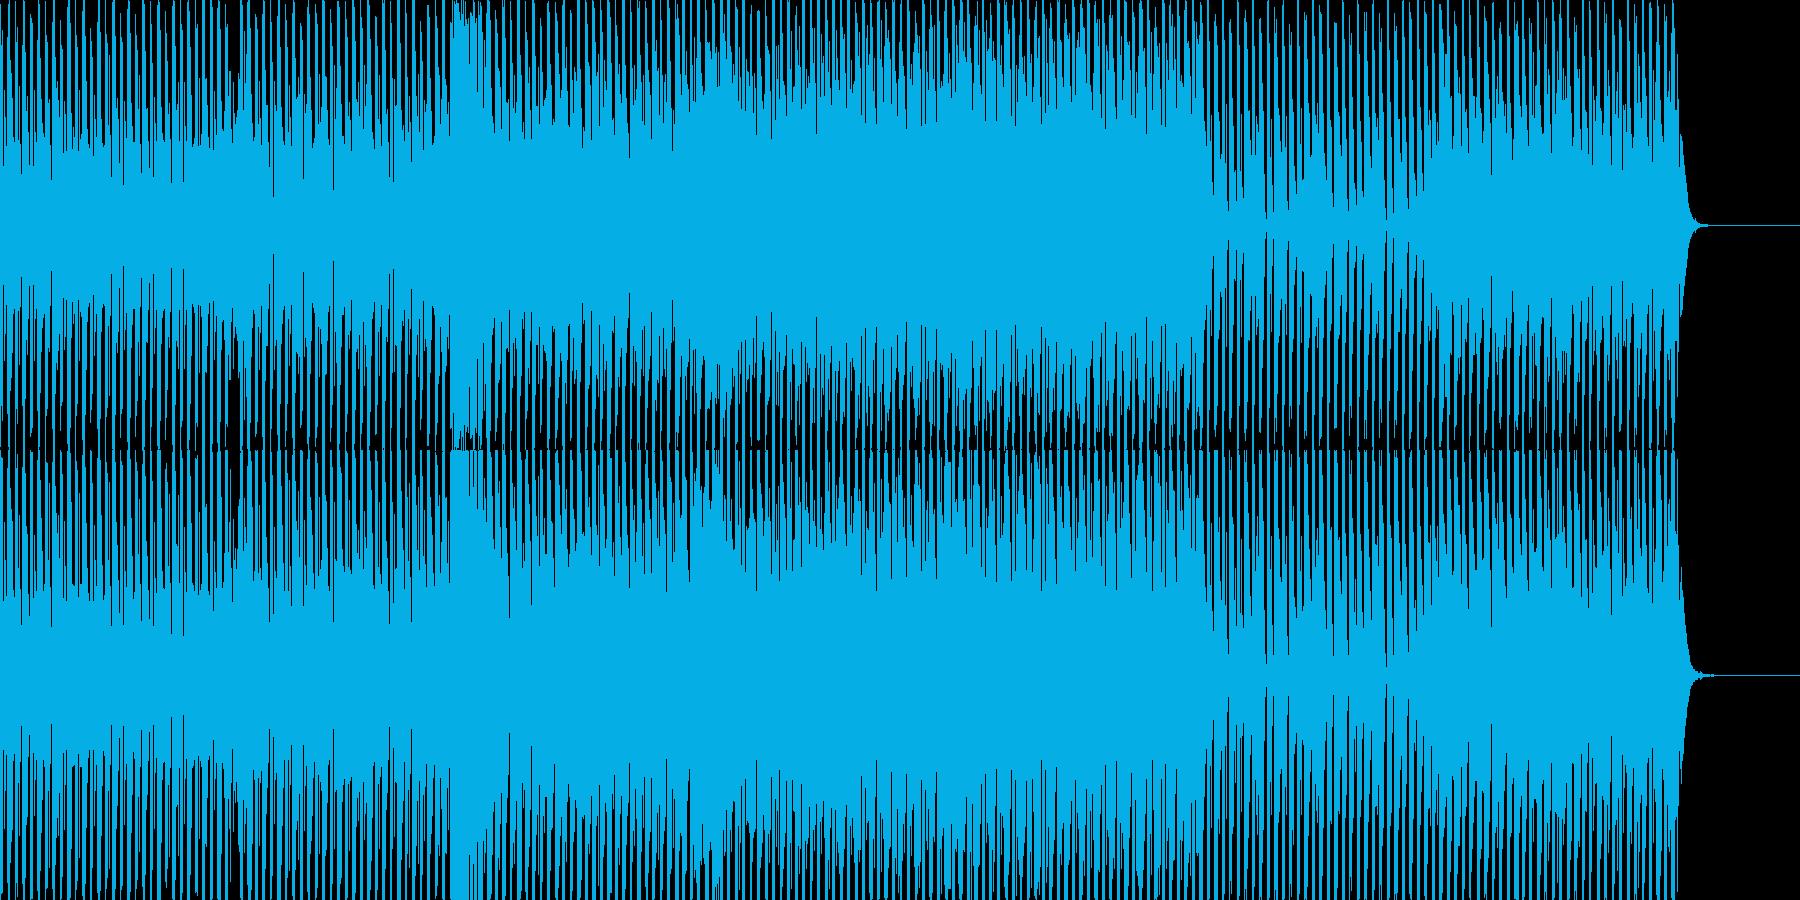 クールでメロディアスなファンキーディスコの再生済みの波形